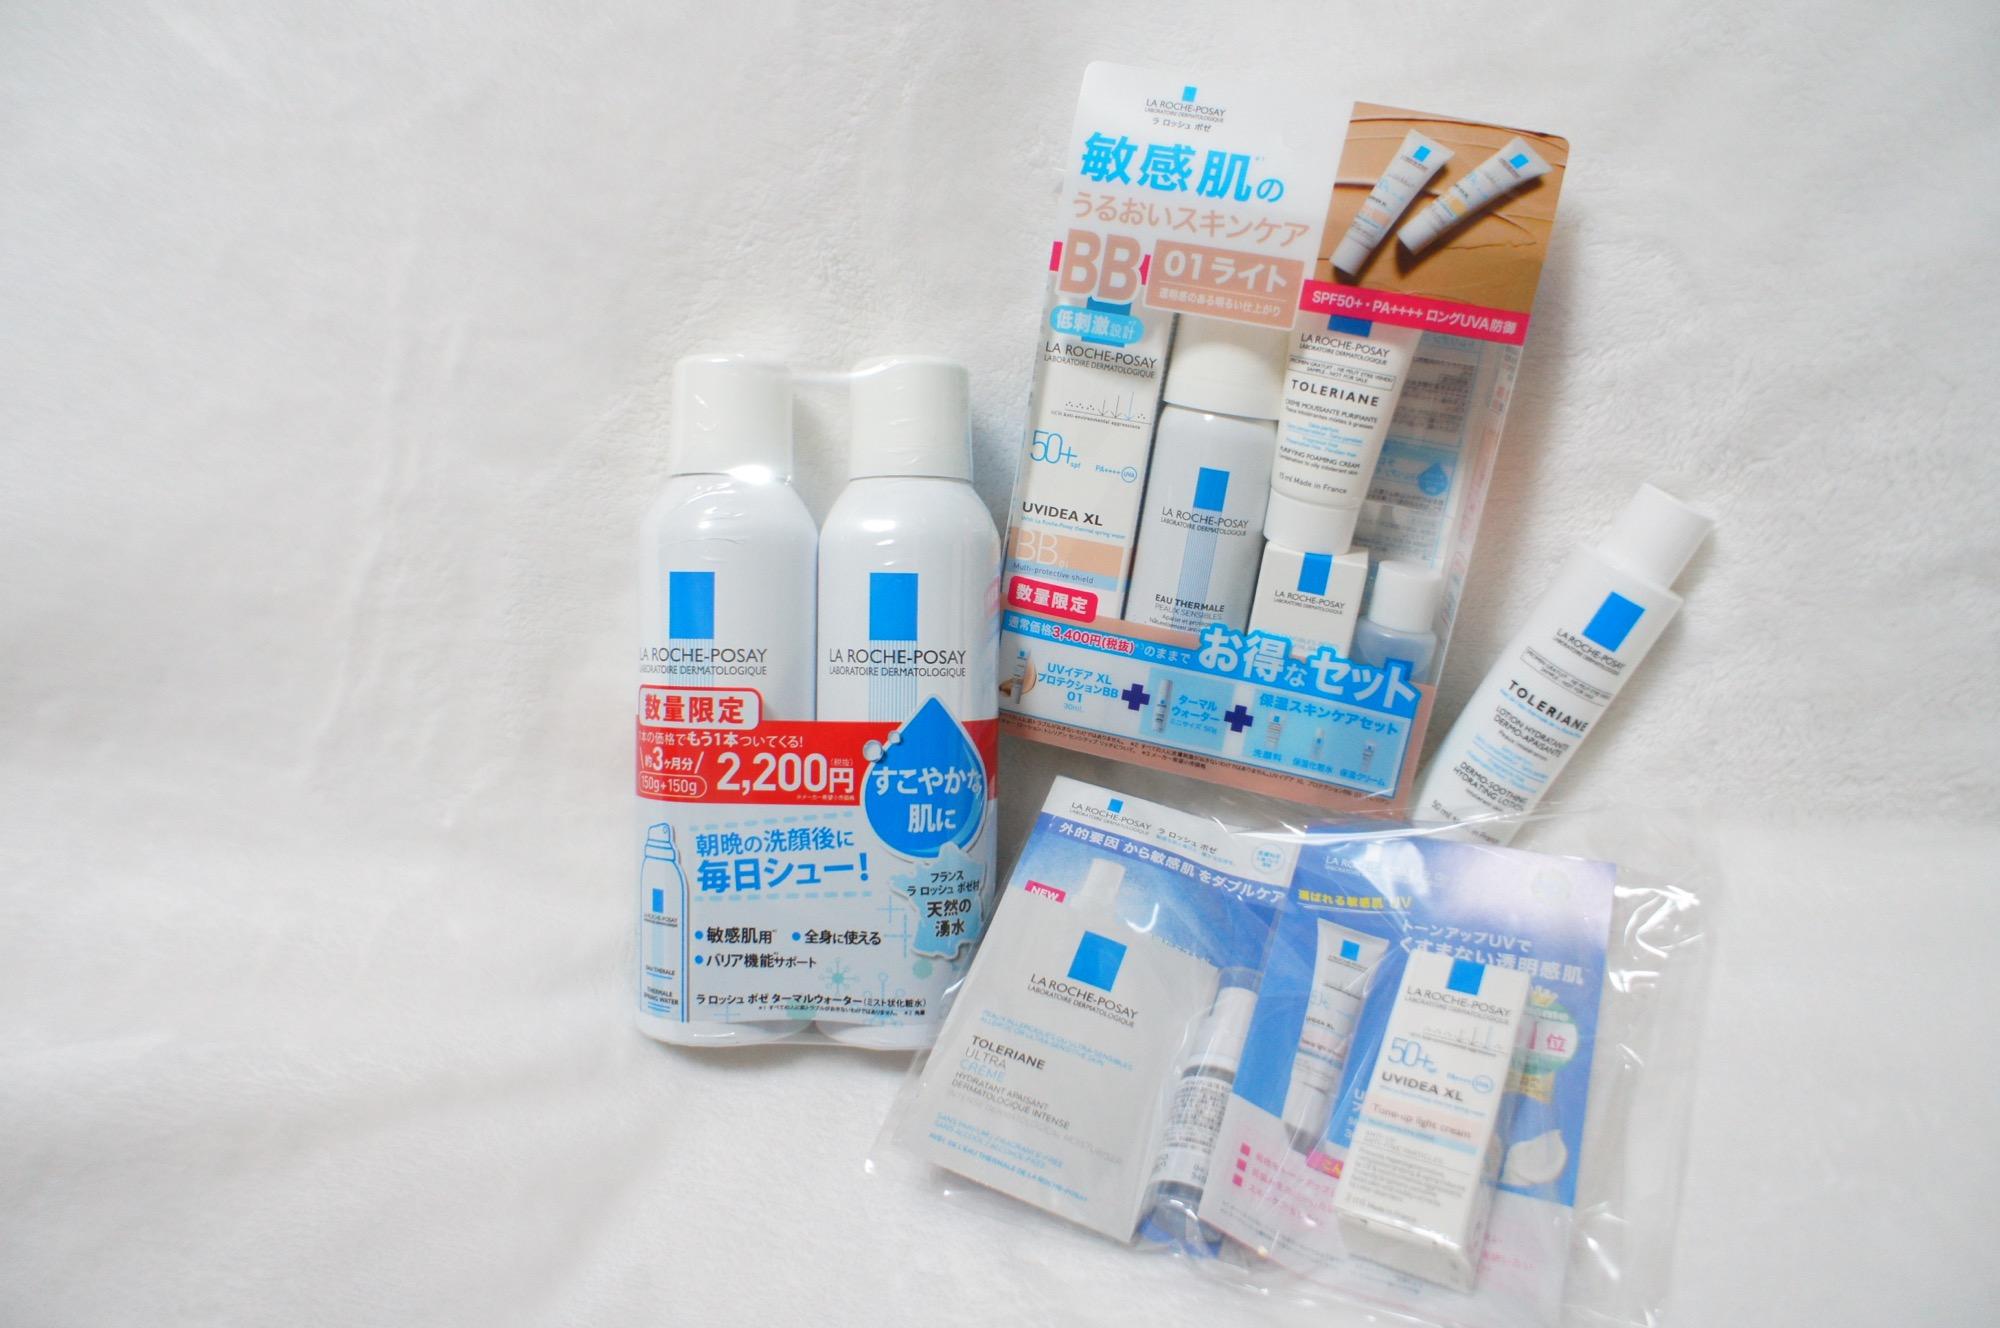 《皮膚科推奨の大人気スキンケア❤️》【ラ ロッシュ ポゼ】の福袋¥5,600+税がおトクすぎる!☻_2